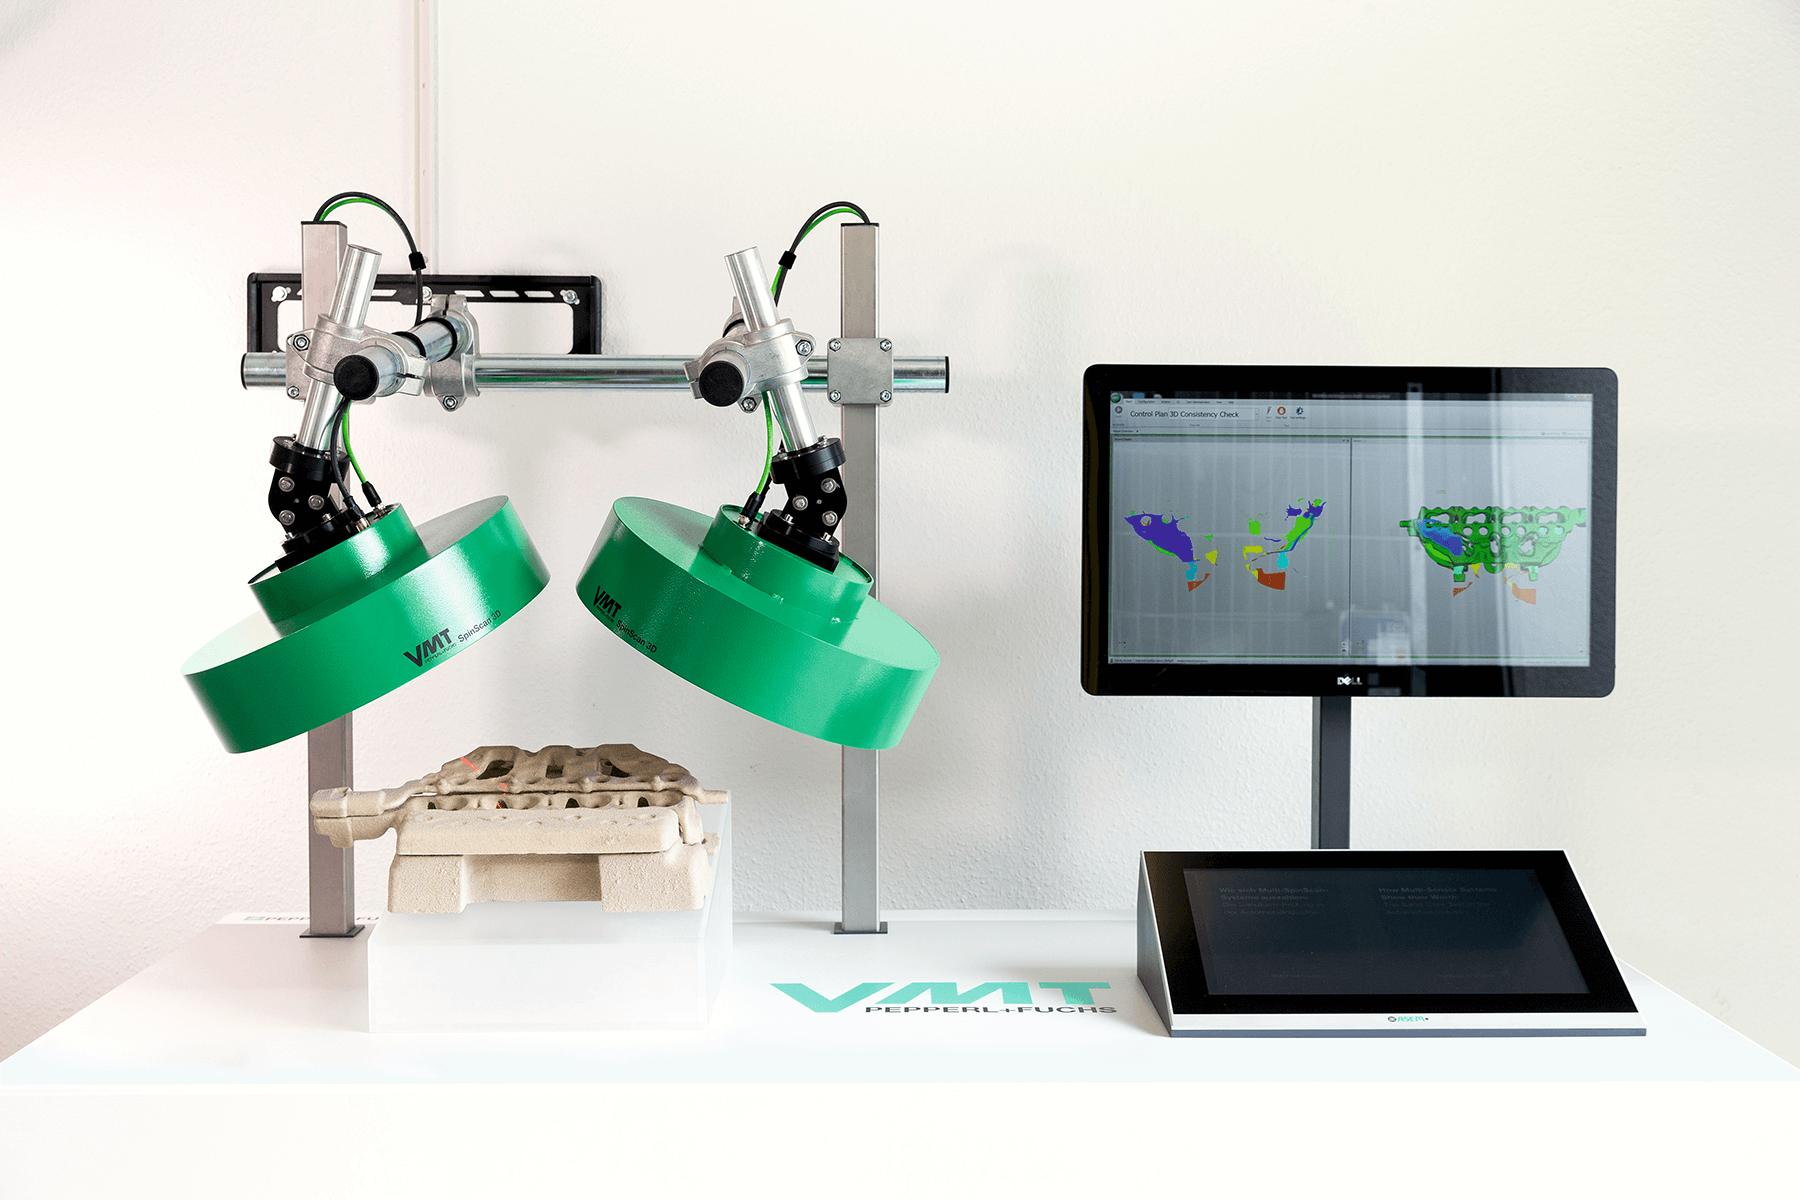 Mehrere SpinScan3D-Sensoren erfassen die Sandkerne aus allen Blickwinkeln